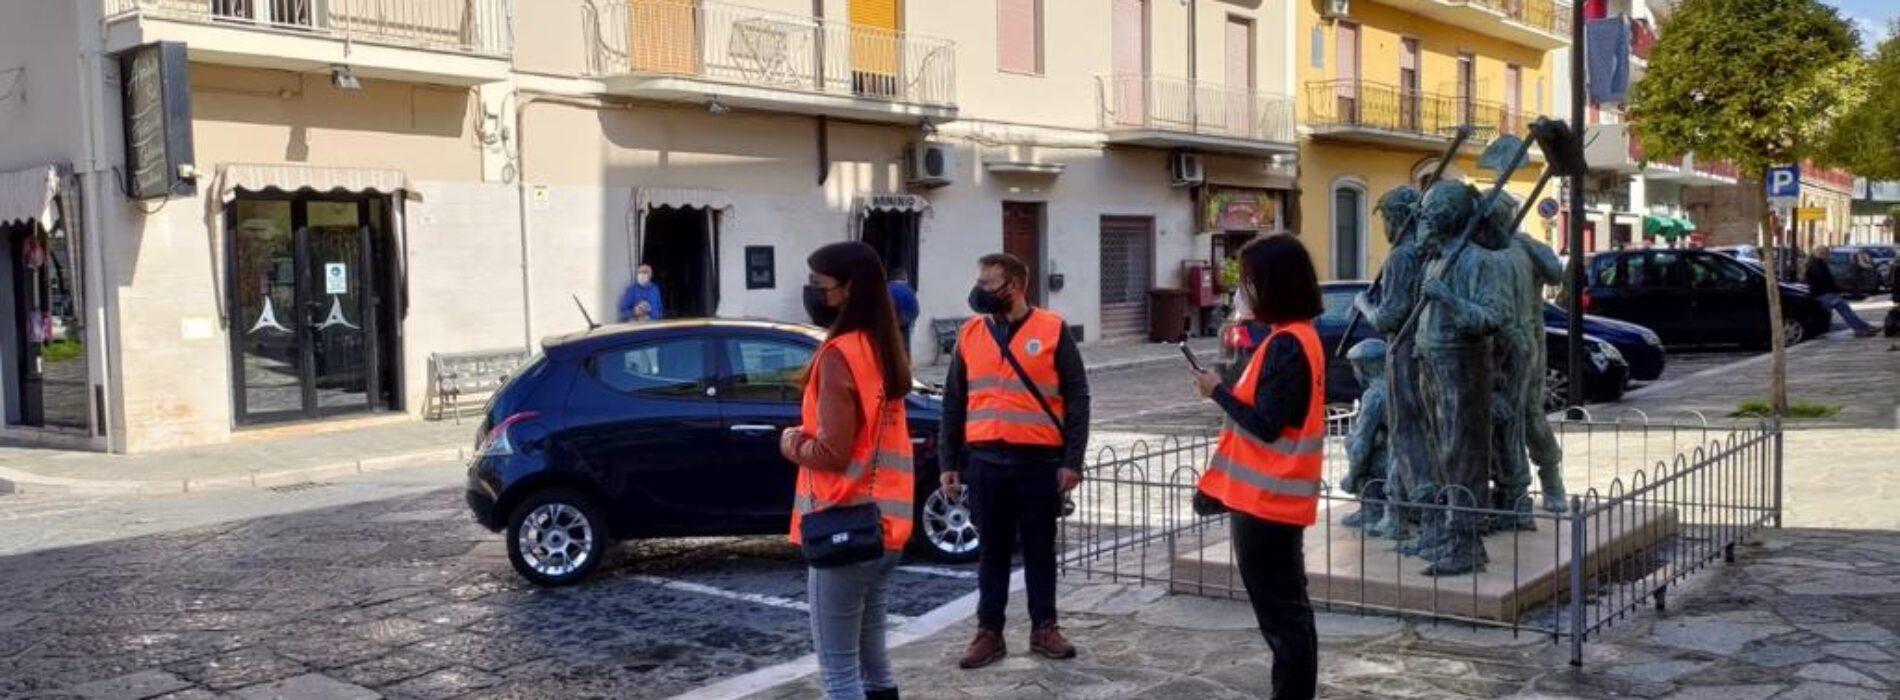 Covid, il progetto dell'associazione Arca porta i volontari in strada